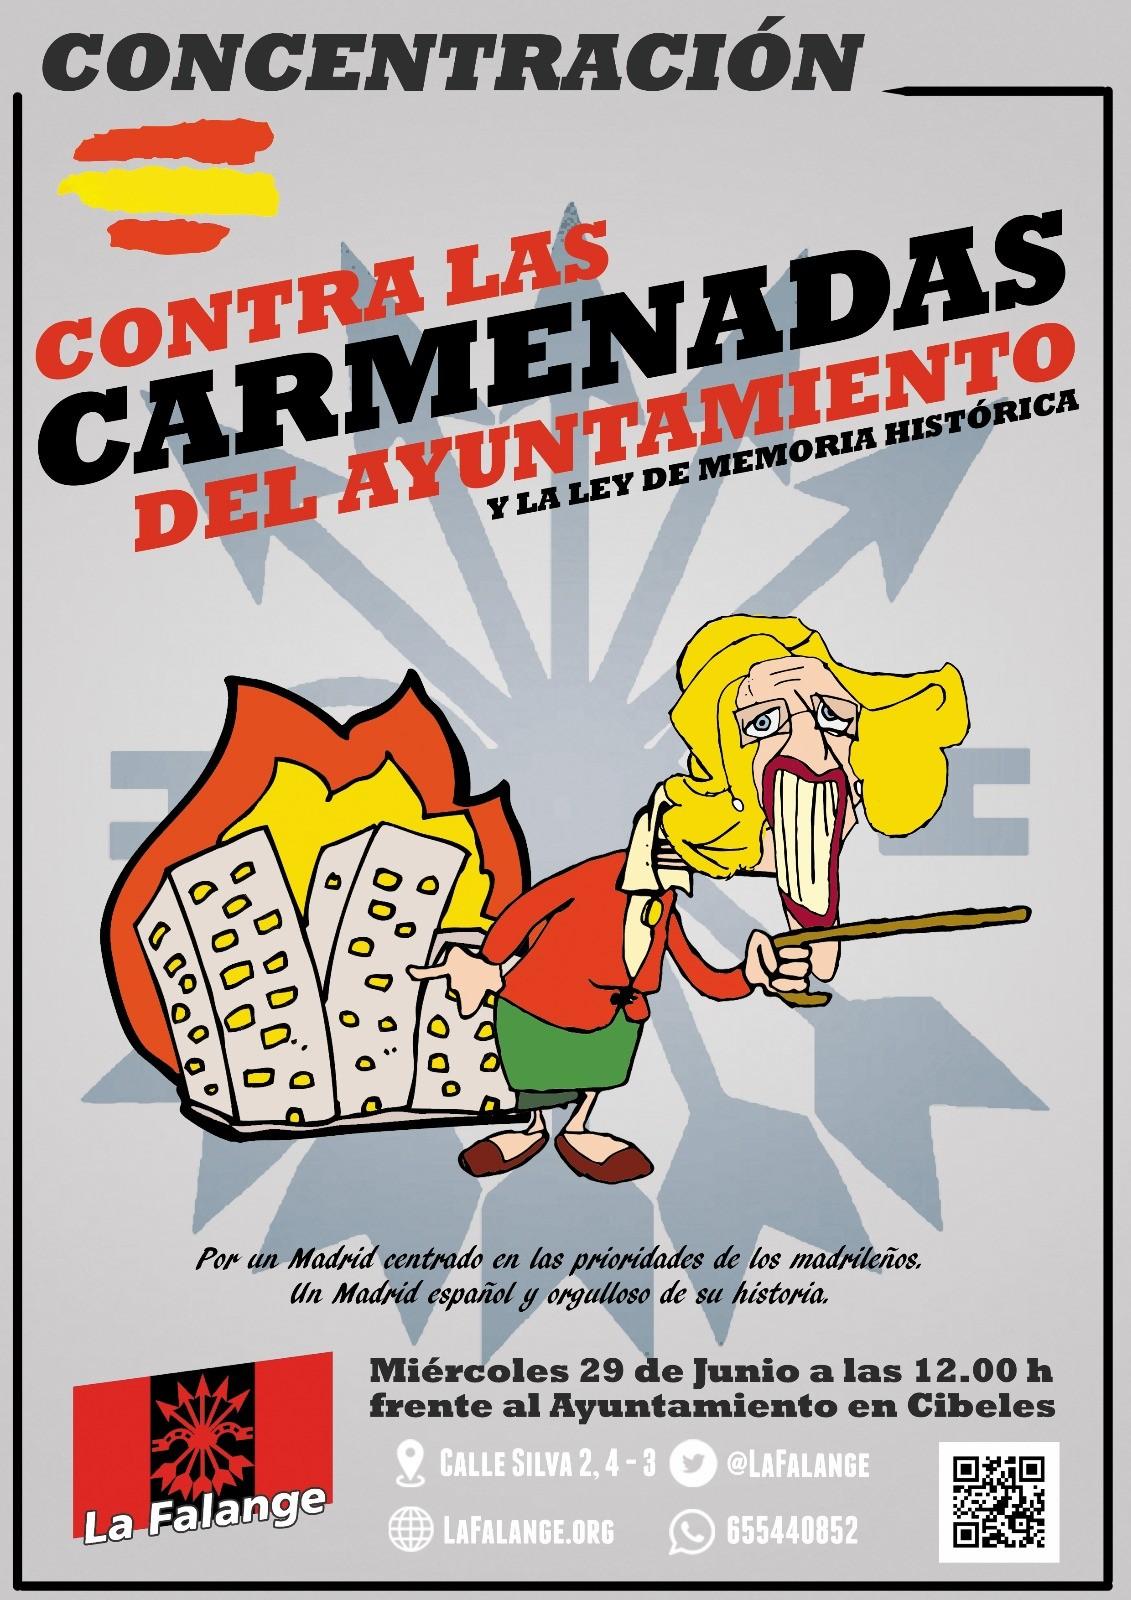 29 de Junio a las 12:00 h. Concentración frente al Ayuntamiento de Madrid, Plaza de Cibeles